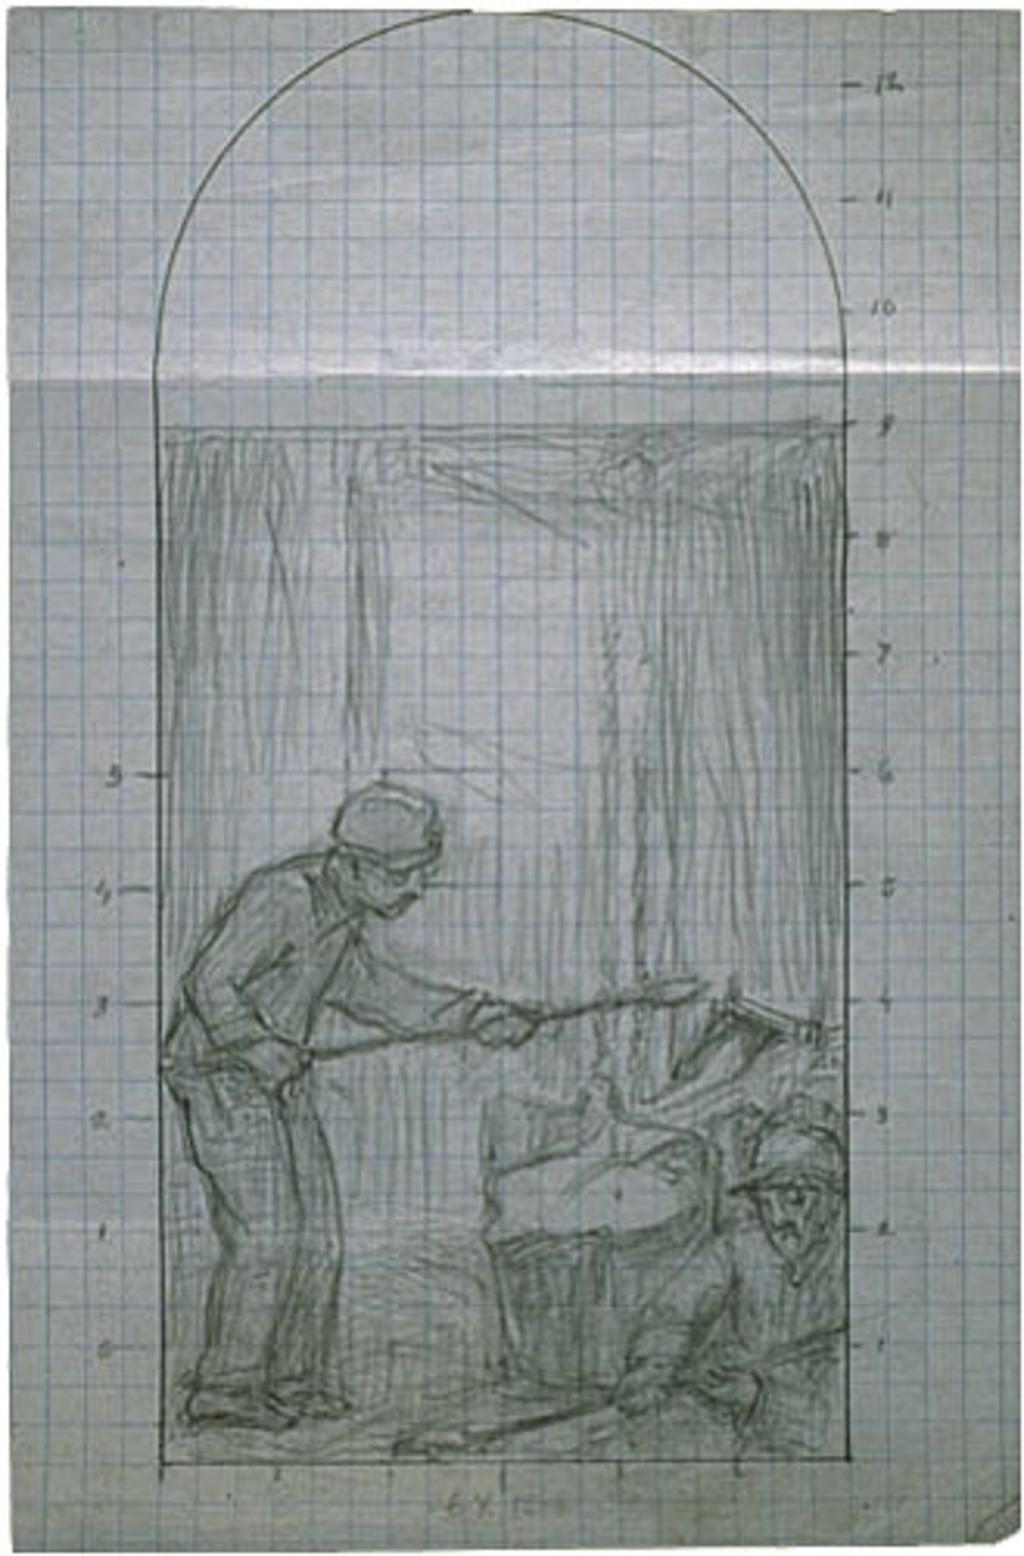 Esquisse pour « Les Fondeurs de métal ». Mise au carreau pour la décoration de l'église de Shawinigan-Sud